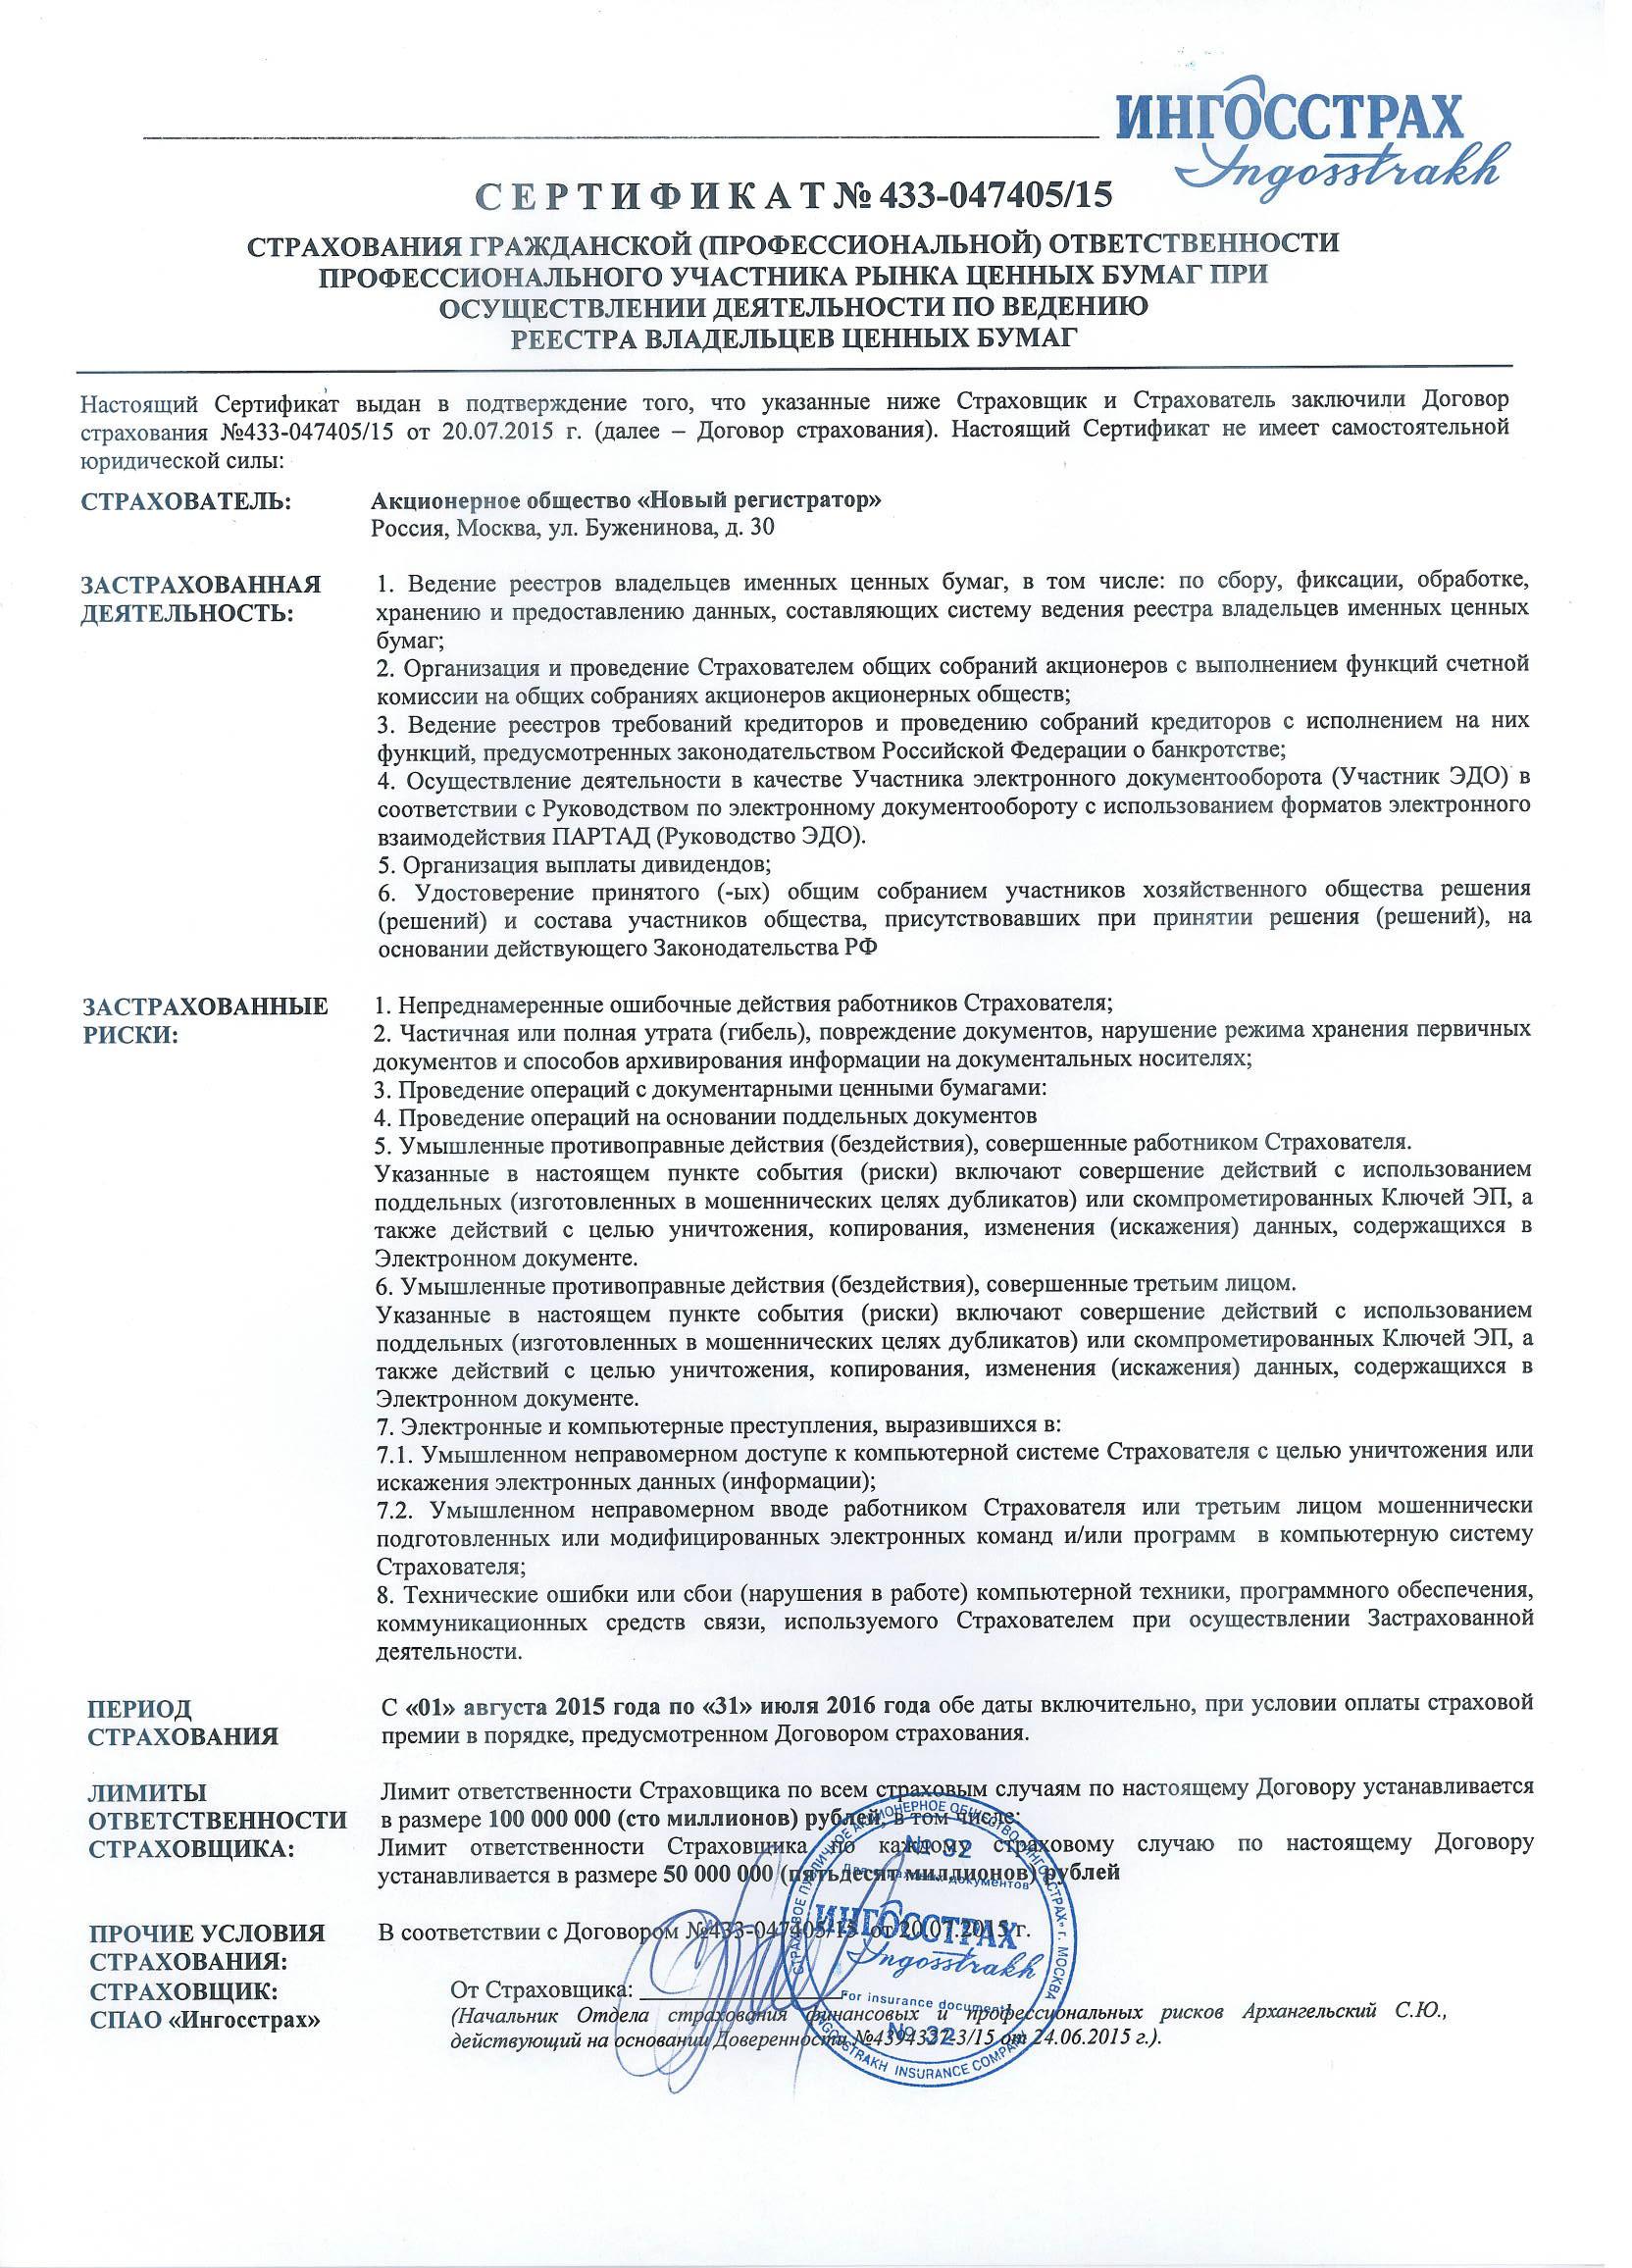 Сертификат №433-047405/15 страхования гражданской (профессиональной) ответственности профессионального участника рынка ценных бумаг при осуществлении деятельности по ведению реестра владельцев ценных бумаг